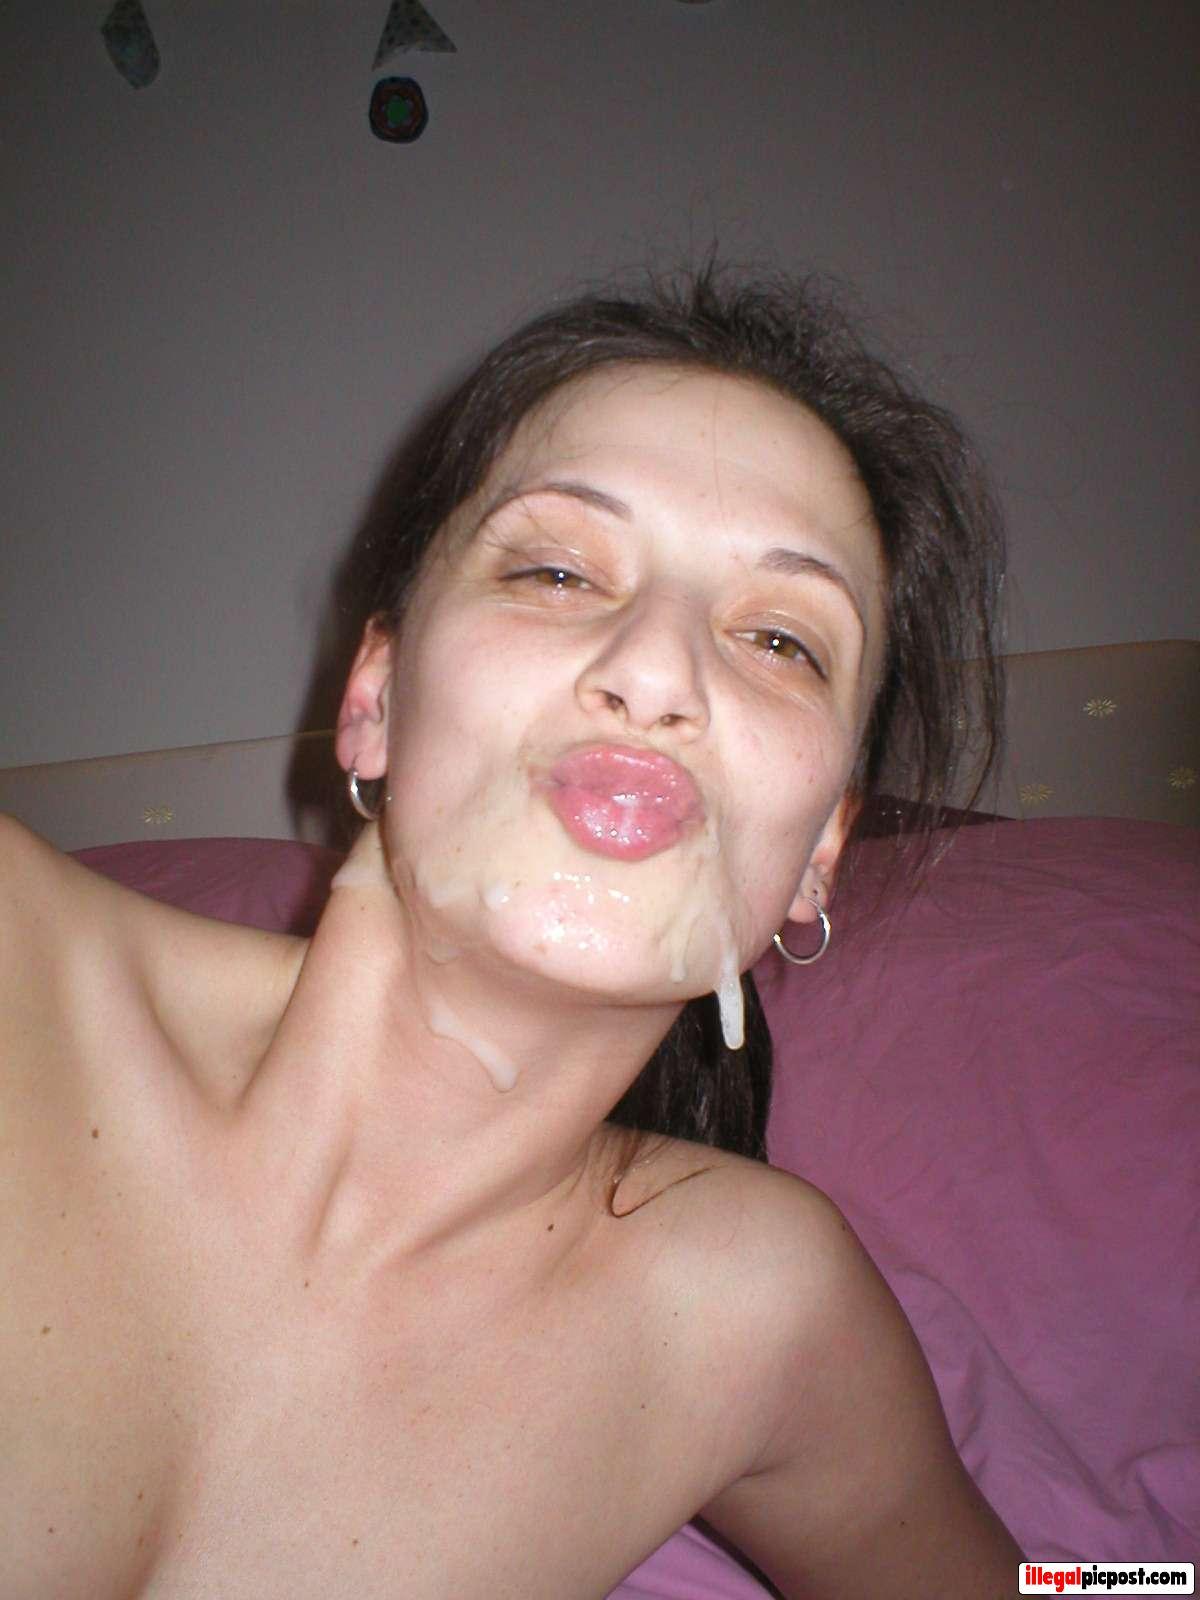 Klodders sperma druipen van huisvrouw haar gezicht